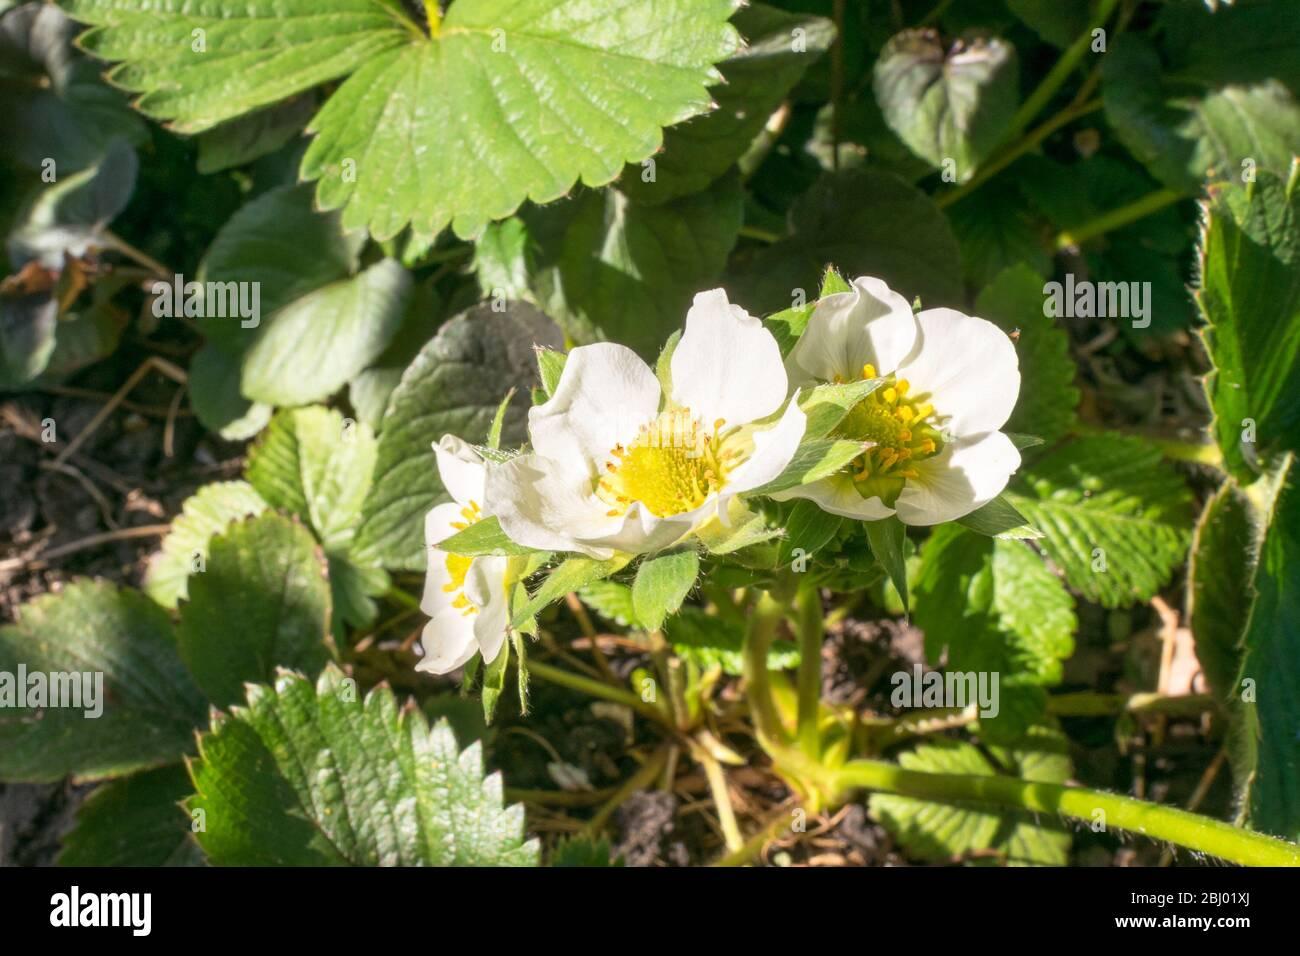 Detailbild der Blüten einer Erdbeerpflanze (Fragaria × ananassa) Stockfoto